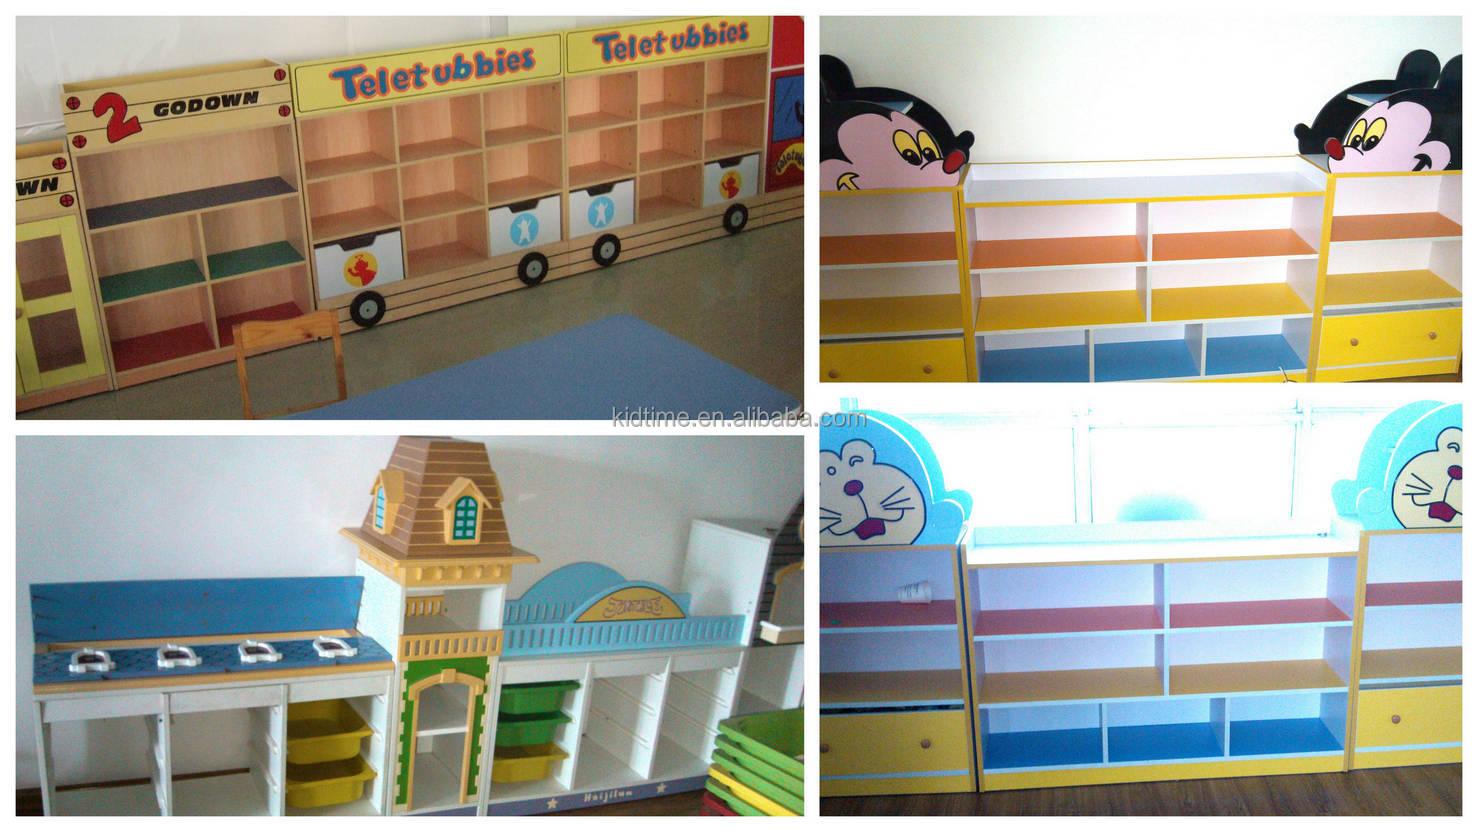 Mobiliario Preescolar Buy Product On Alibaba Com # Muebles Juguetes Para Ninos